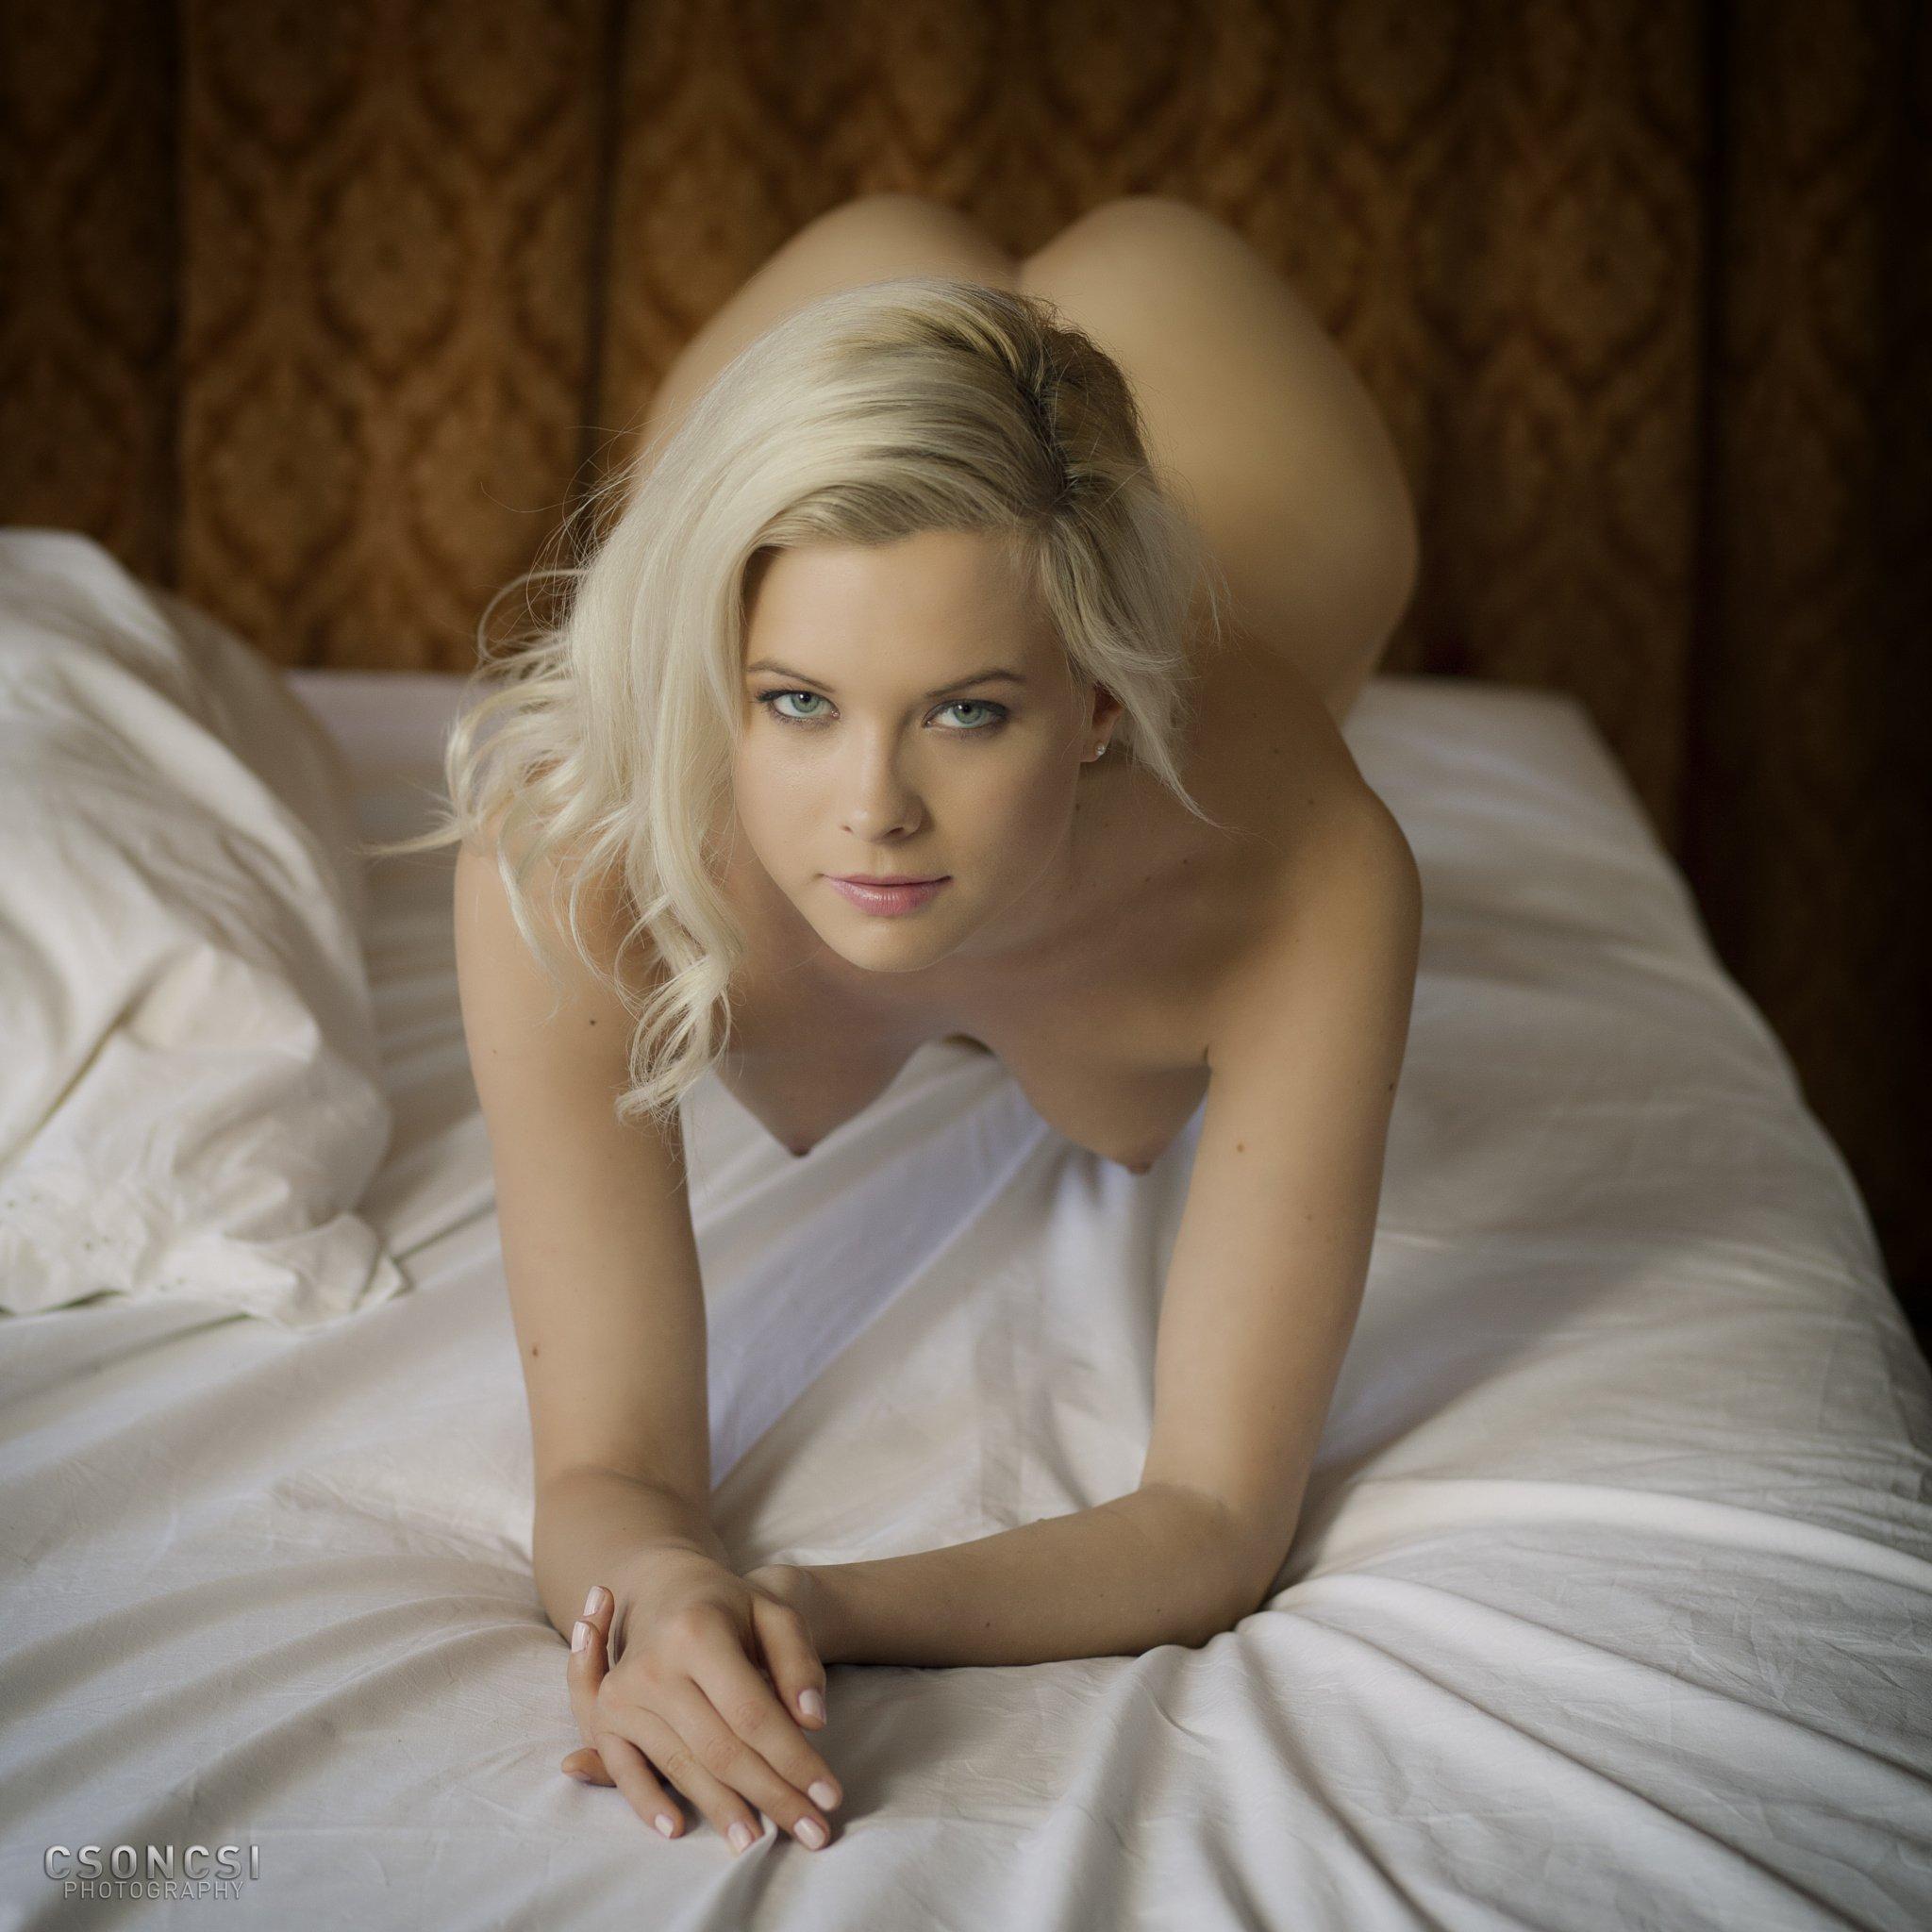 Красивая эротика с молодыми эро-моделями 6 фото